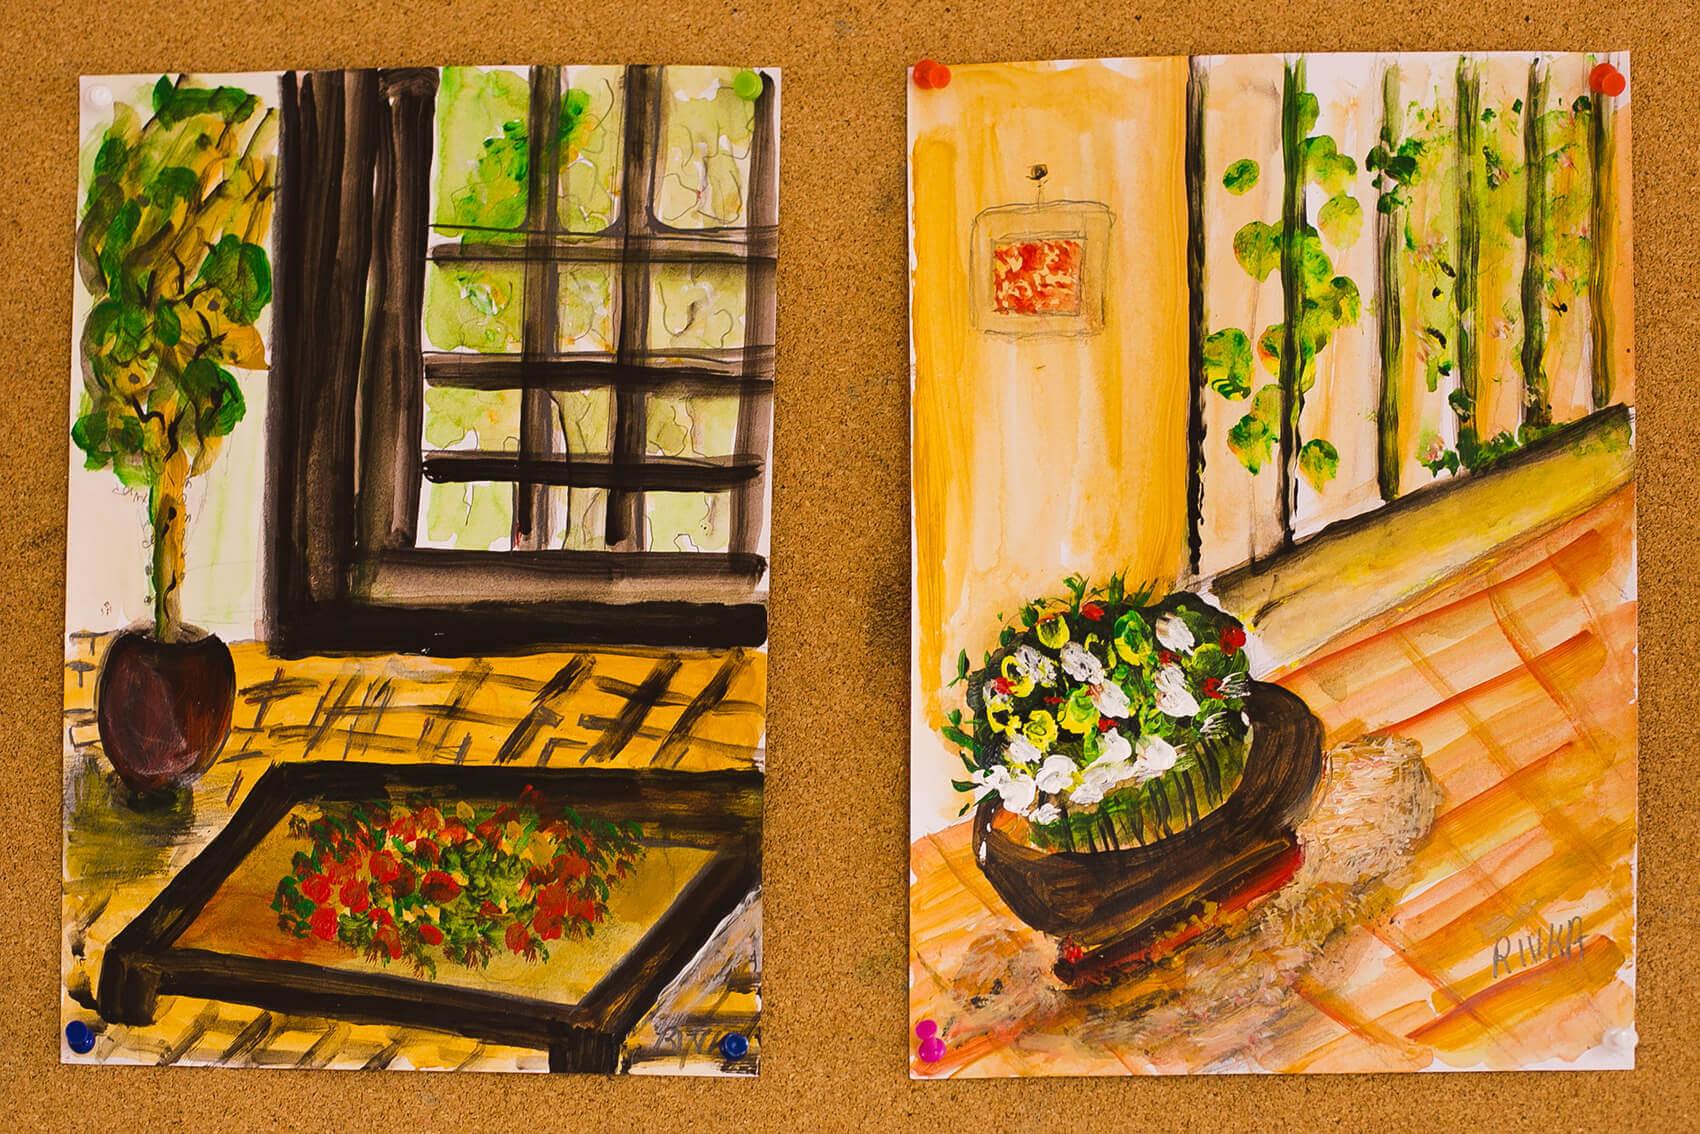 ציורי פרחים עבודת דיירי בית נועם רגבה